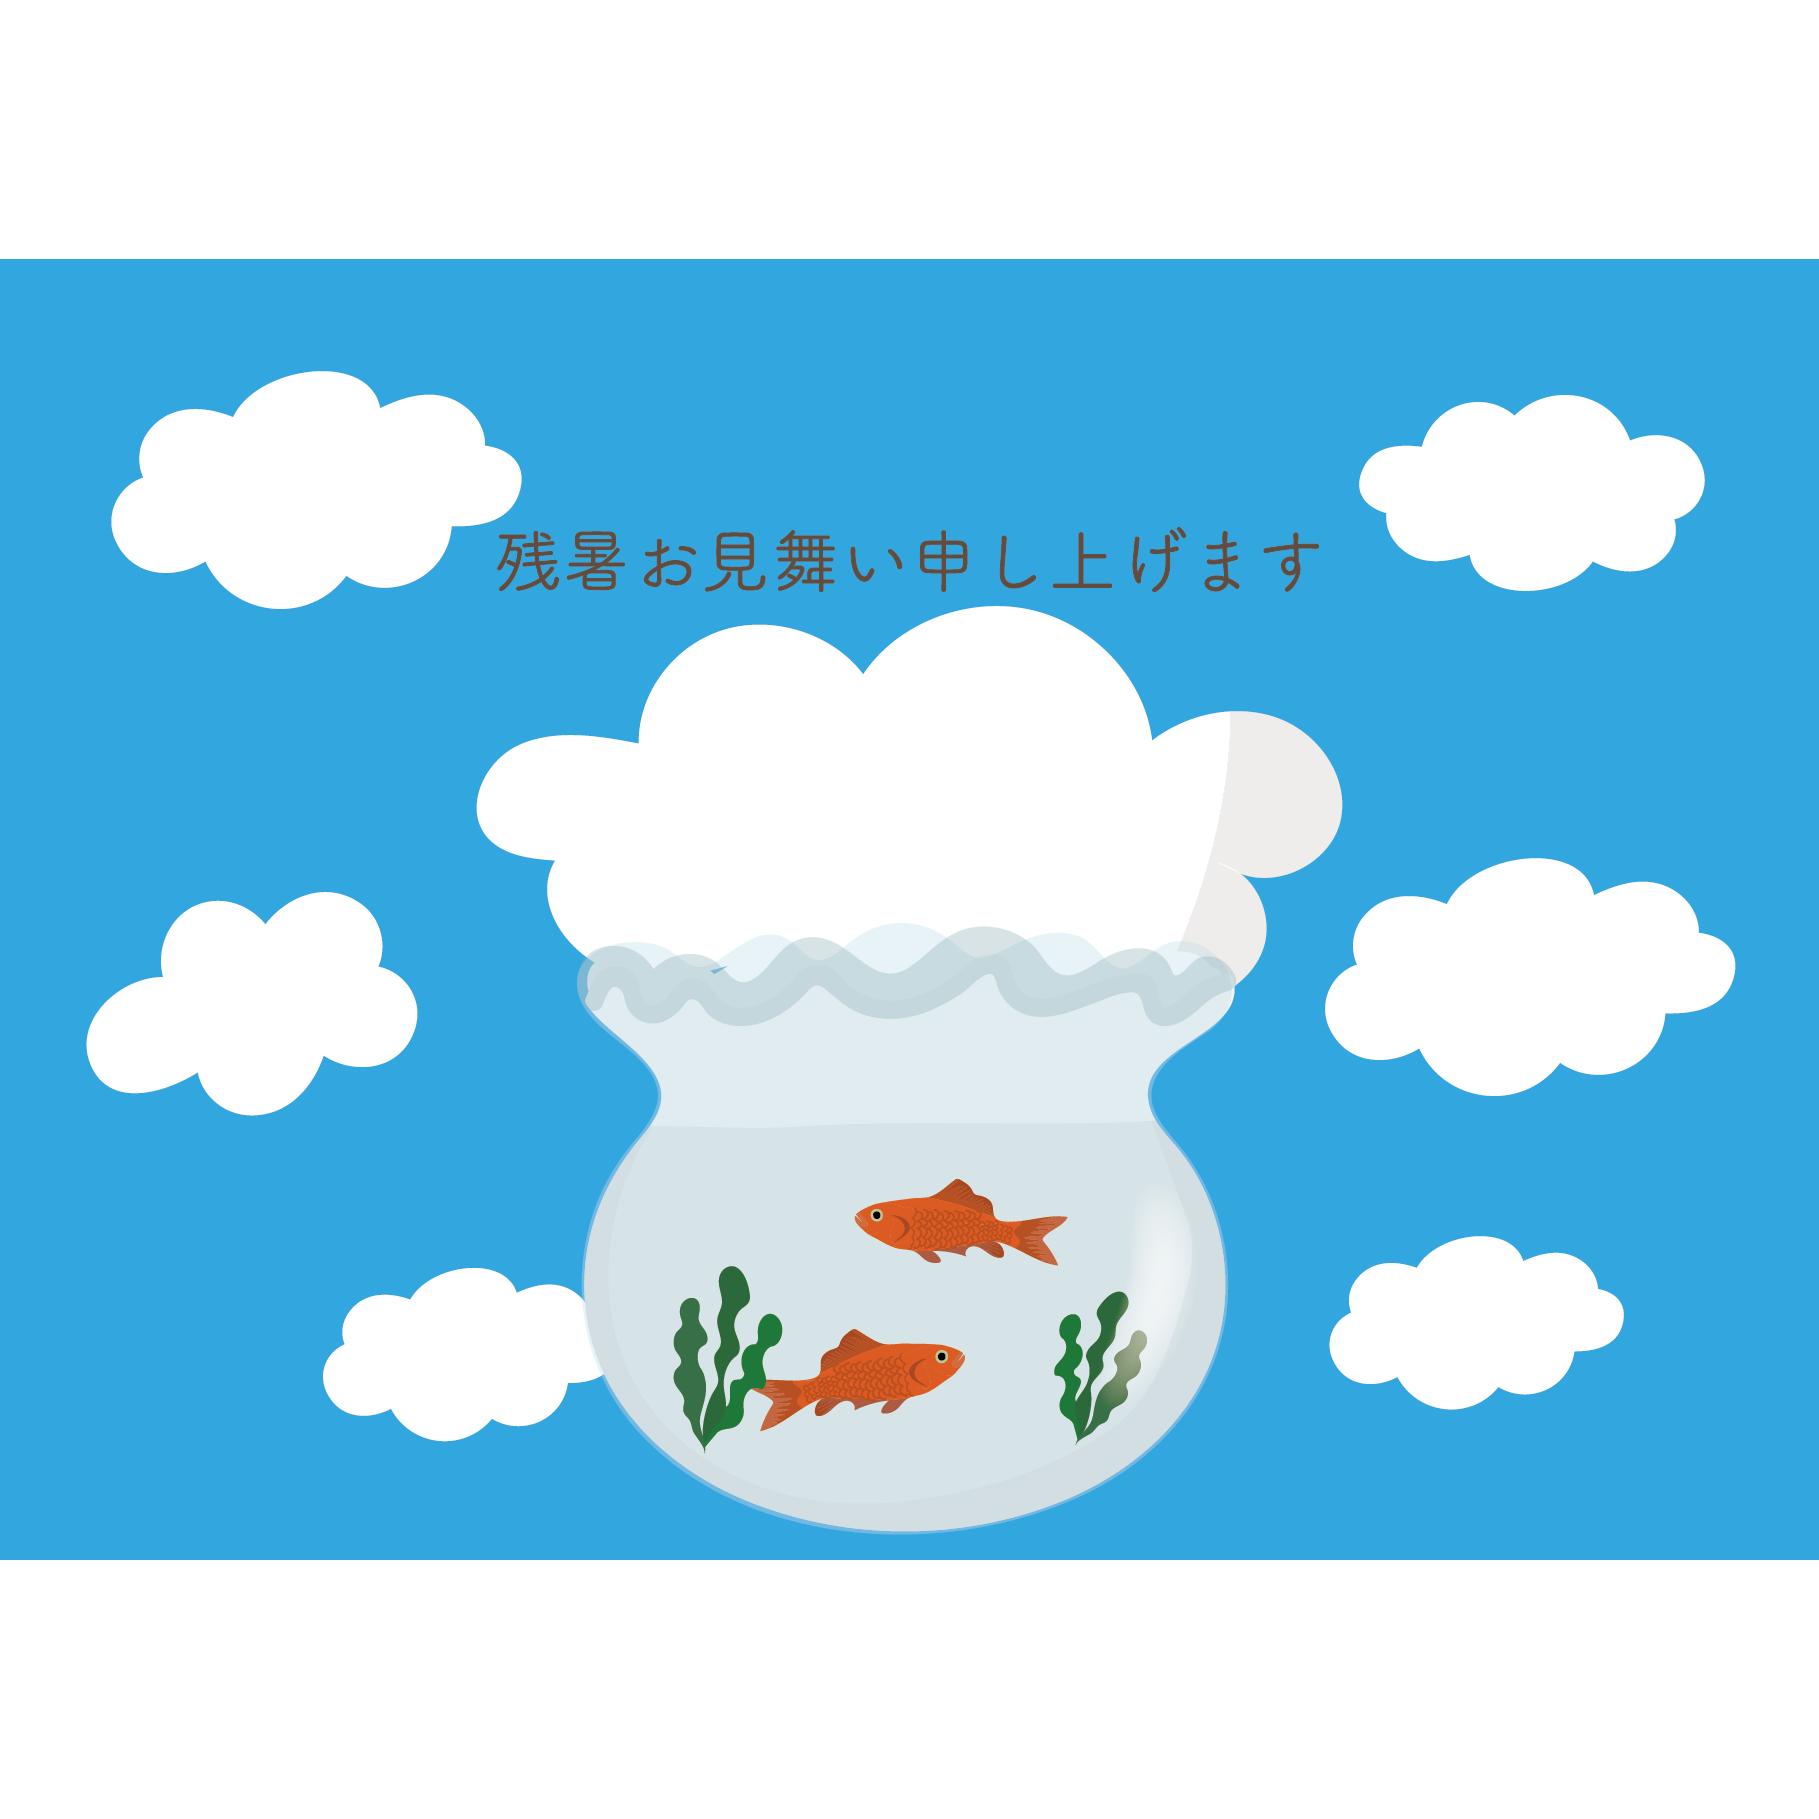 残暑見舞い横かわいい金魚のグリーティング 無料 イラスト 商用